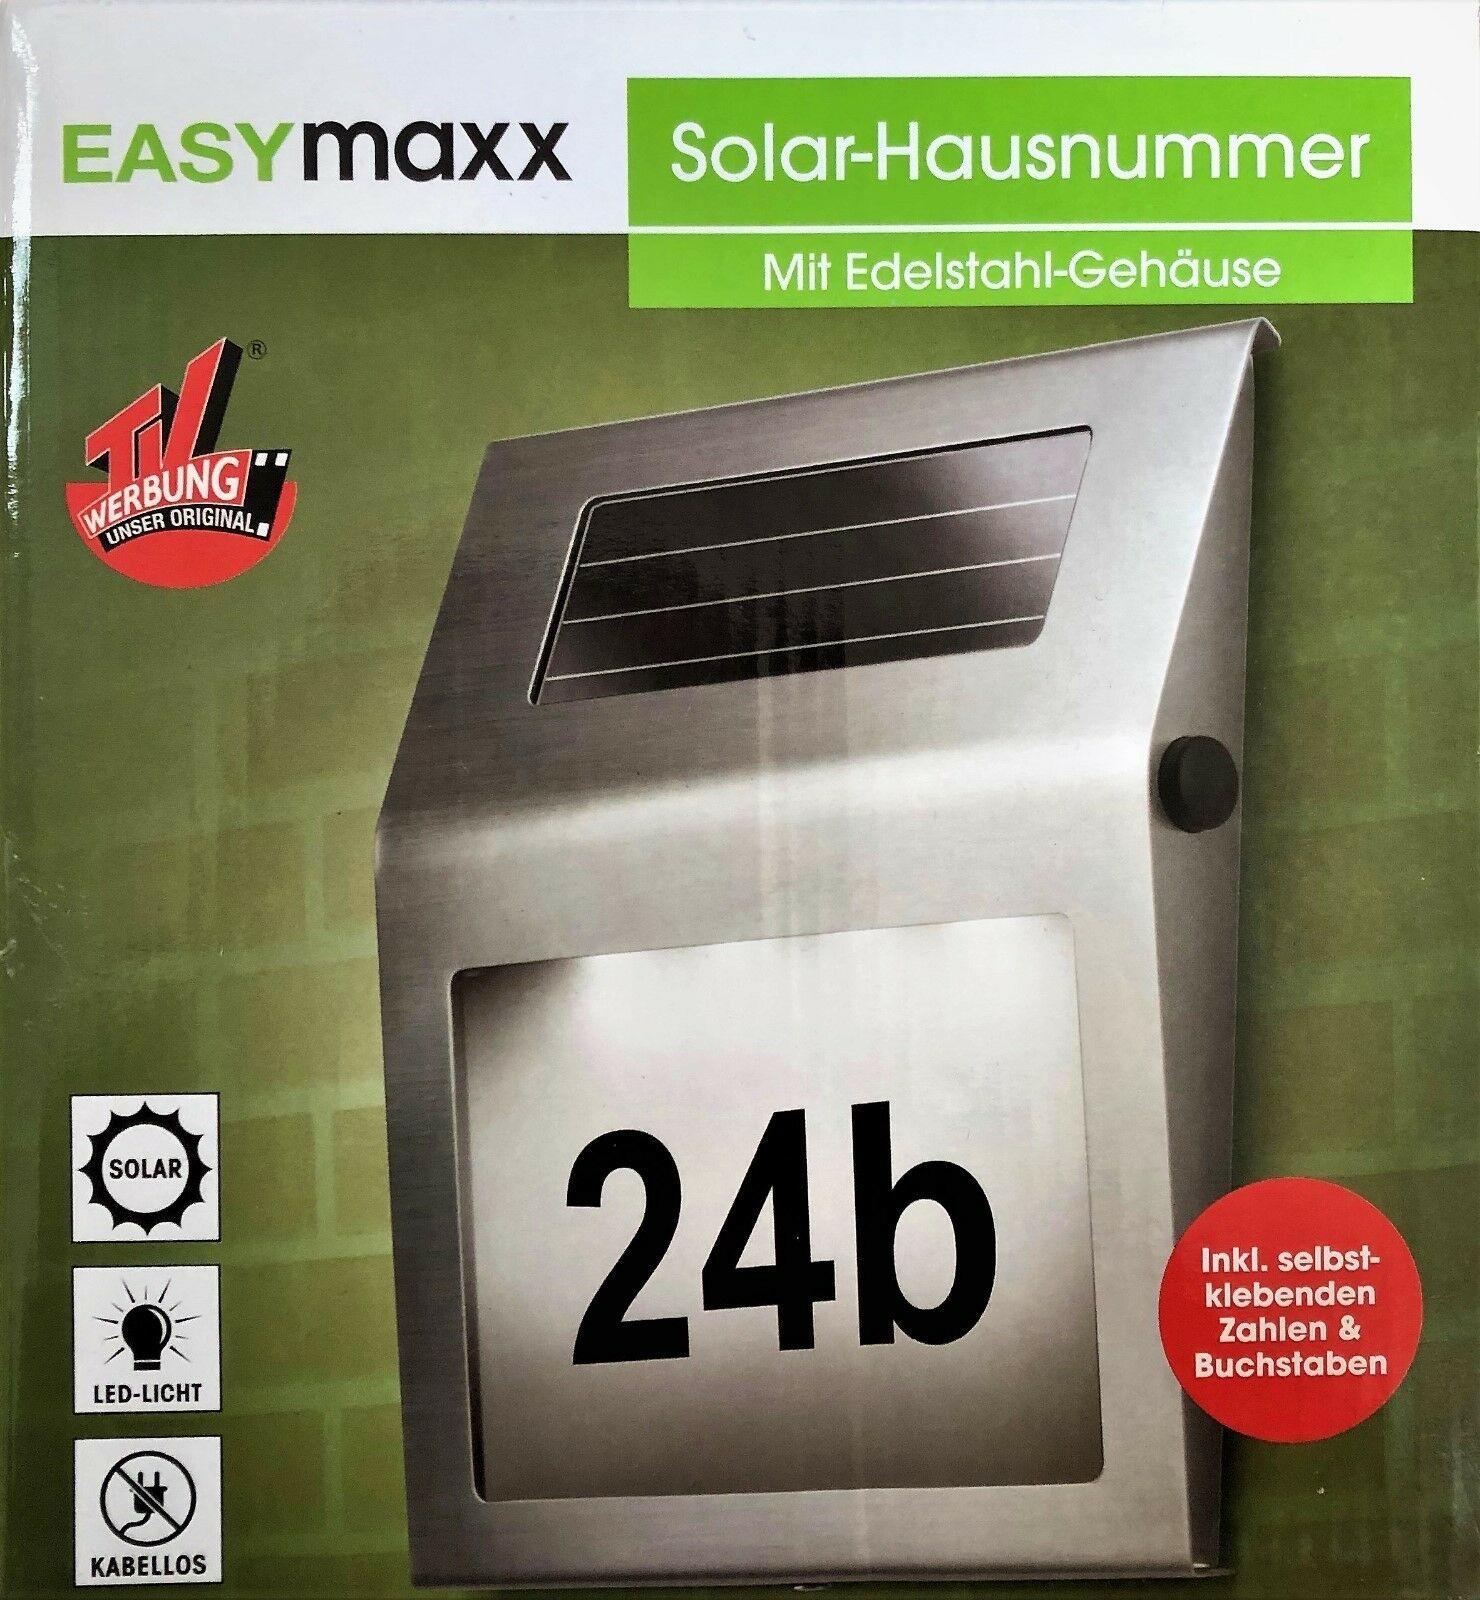 EASYmaxx Solar- Hausnummer-Leuchte aus Edelstahl 20% günstiger